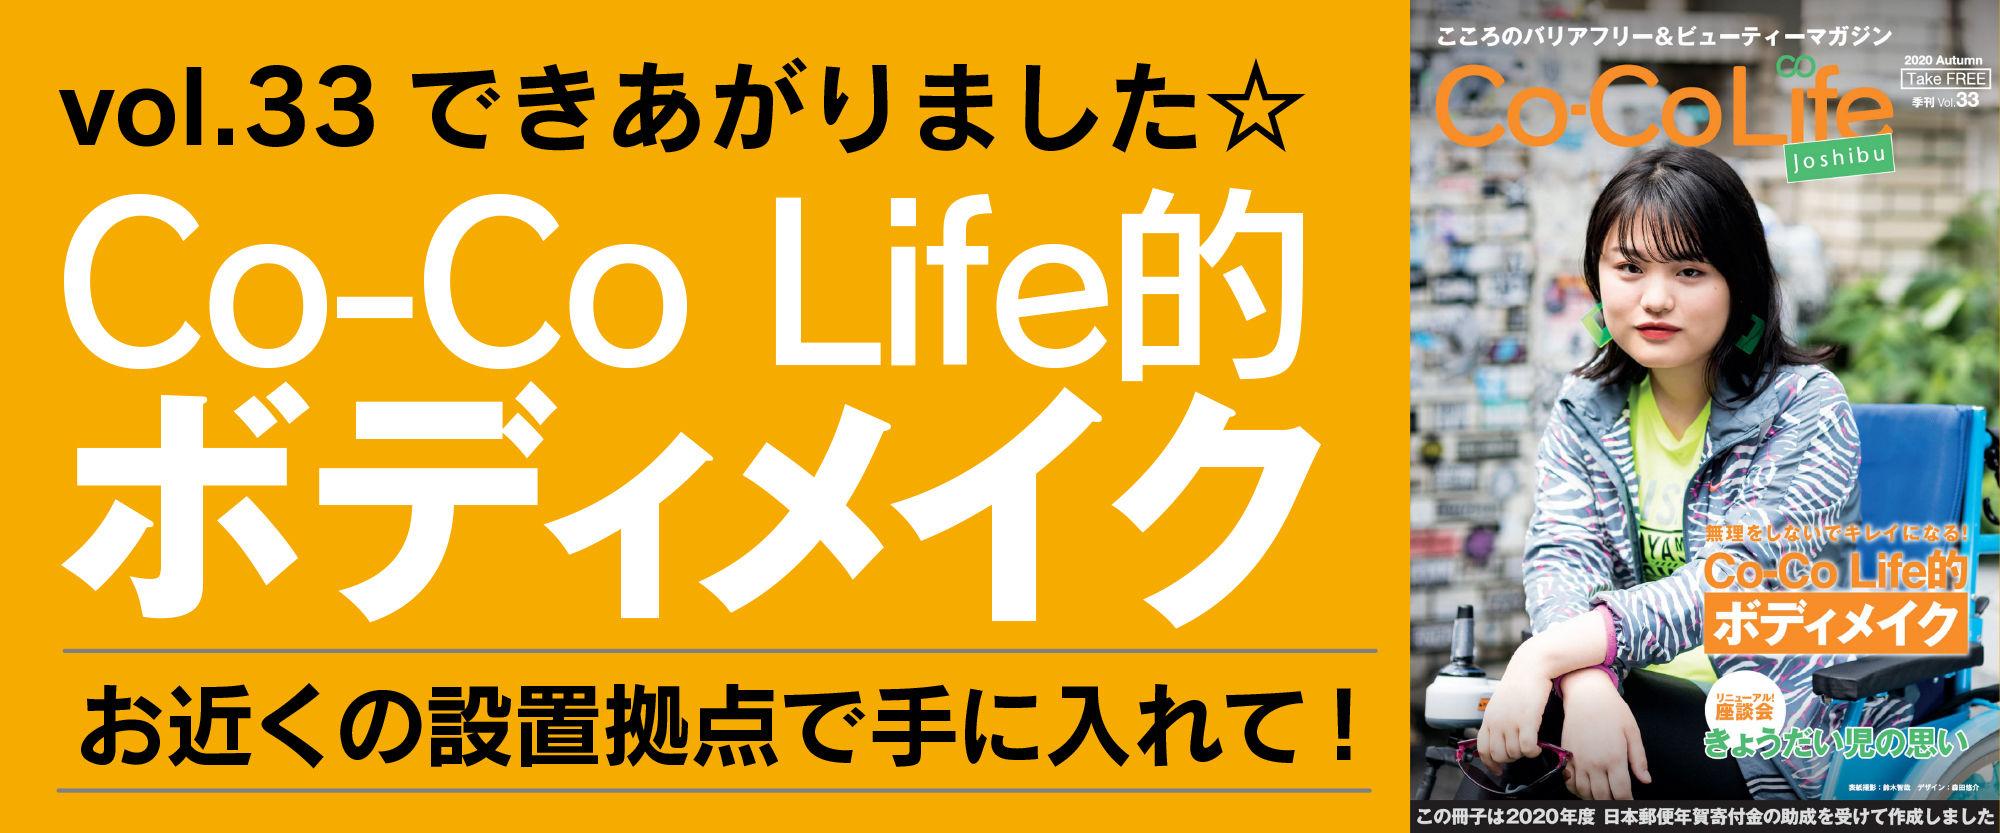 Co-Co Life☆女子部は、障がいを持つ女性のための「こころのバリアフリー&ビューティーマガジン」